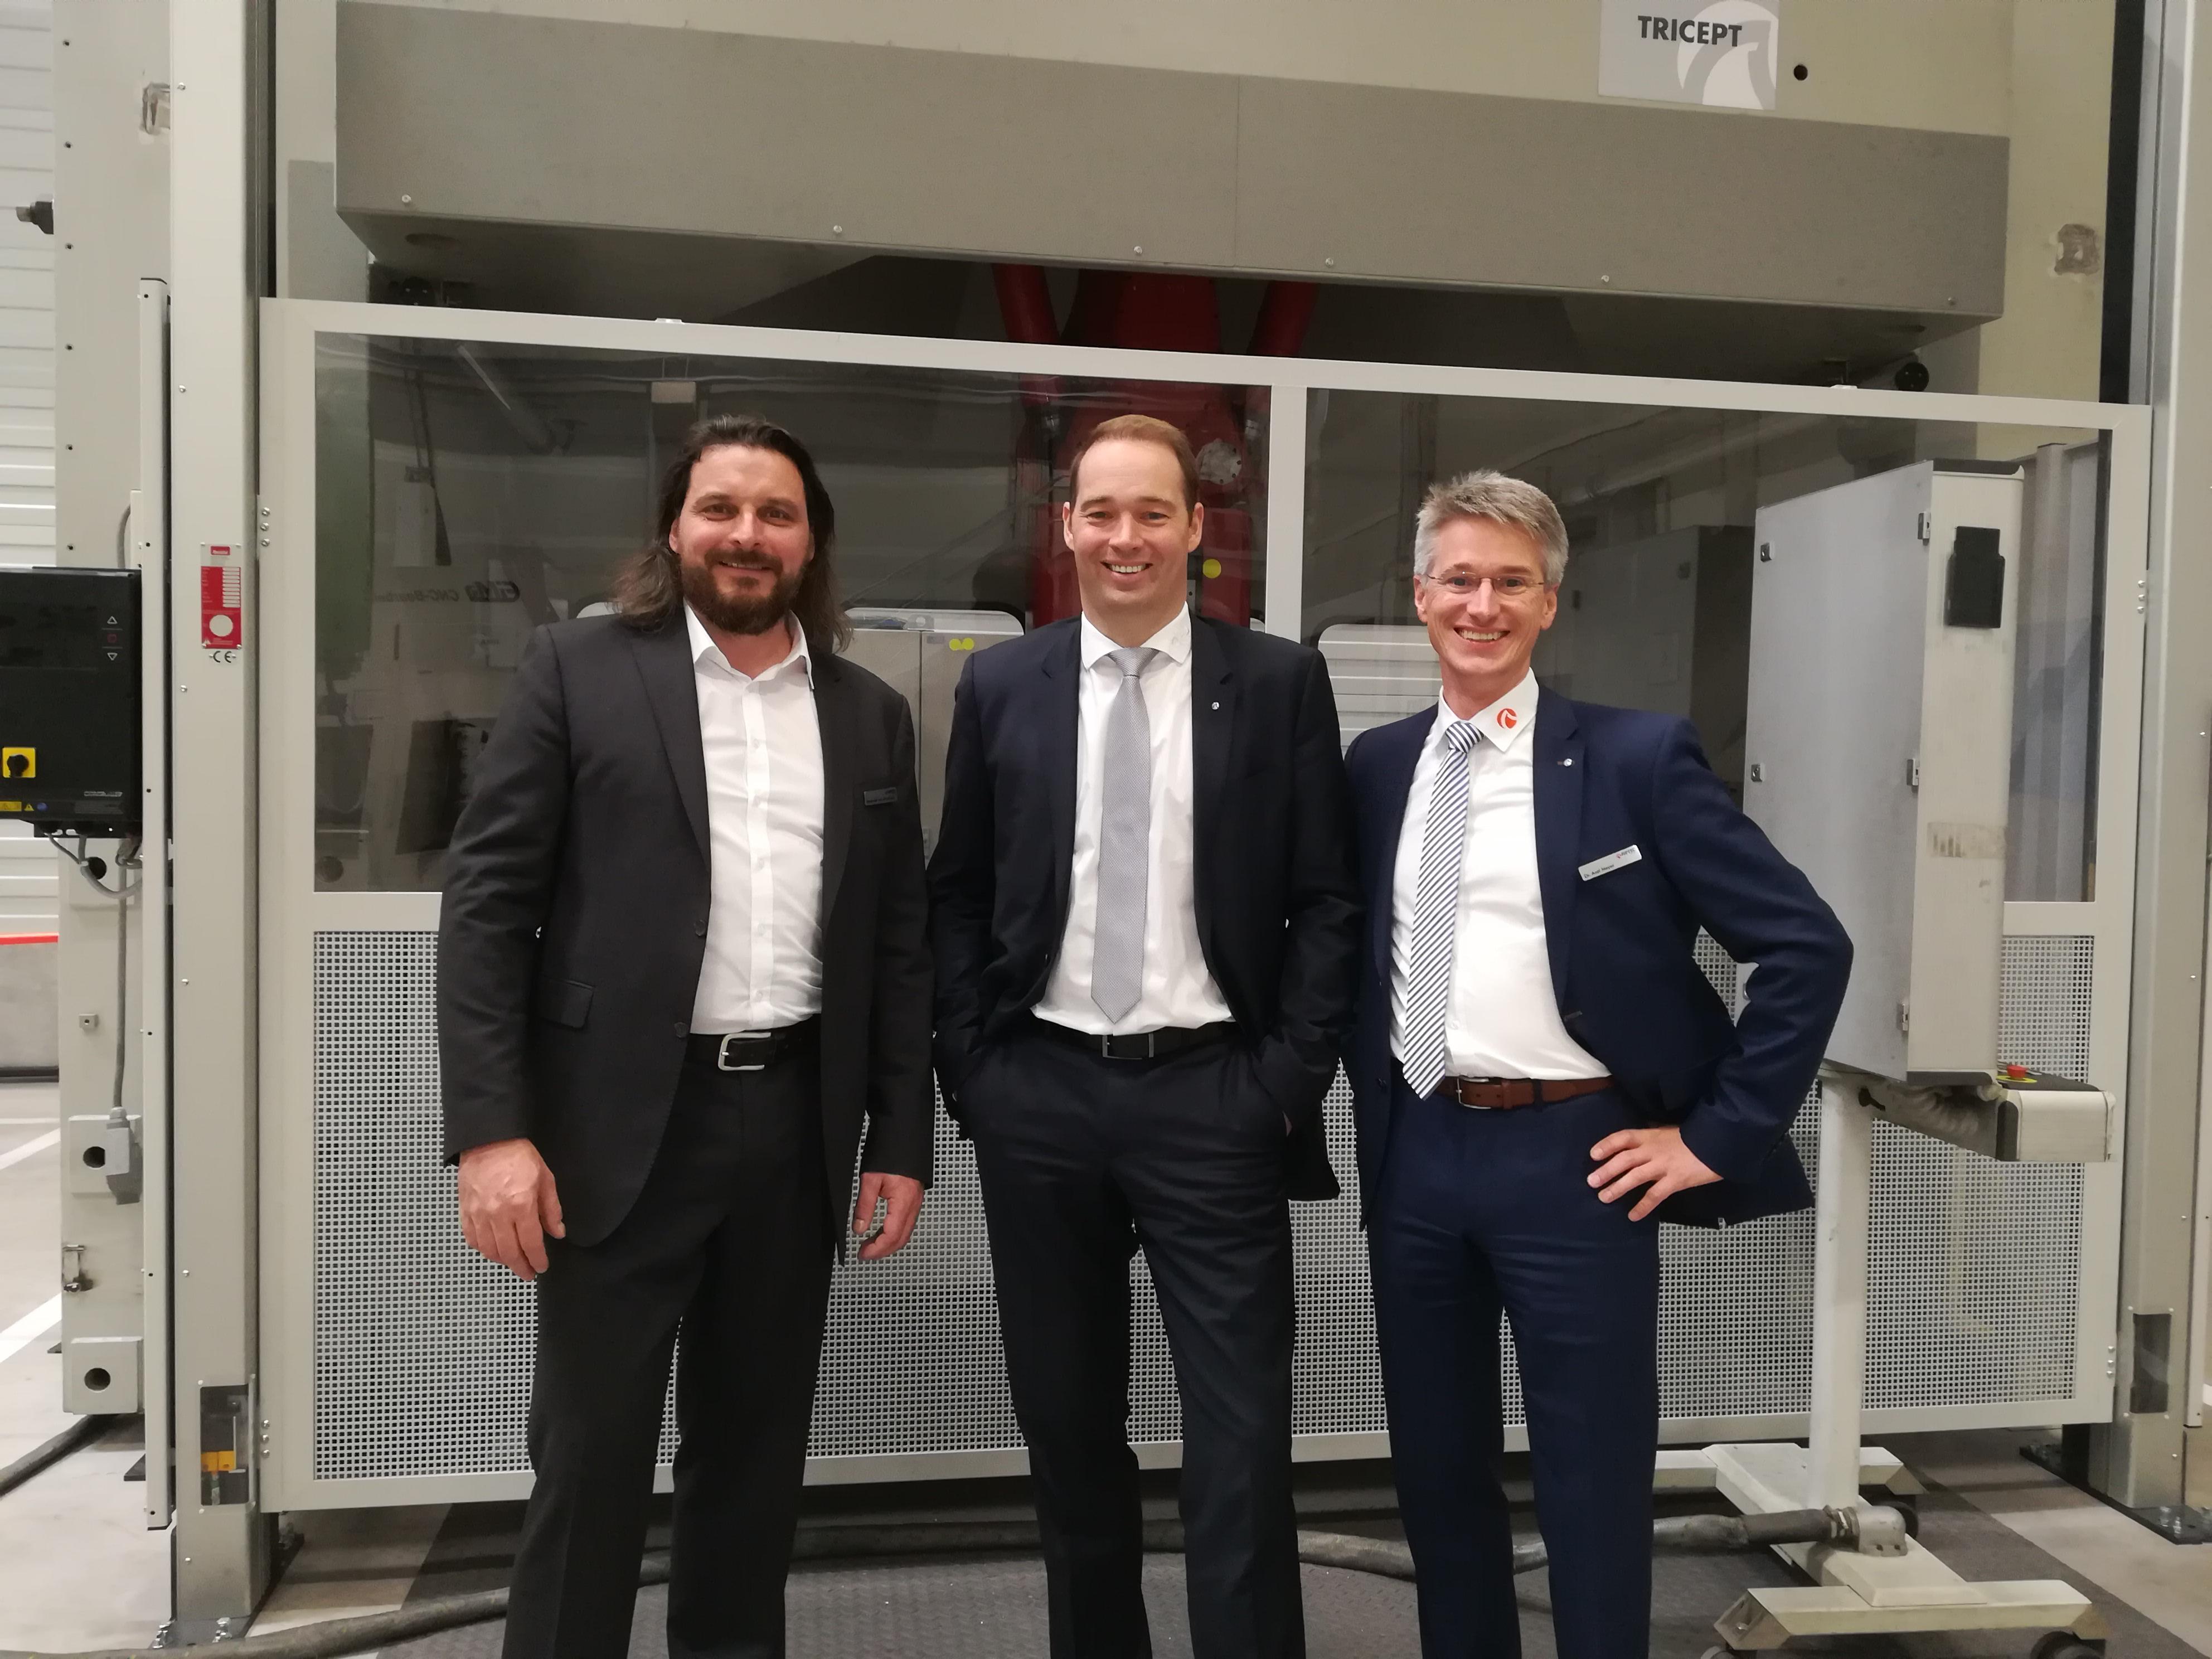 HAI - News - Offizielle Eröffnung des neuen RIFTEC Standorts in Geesthacht